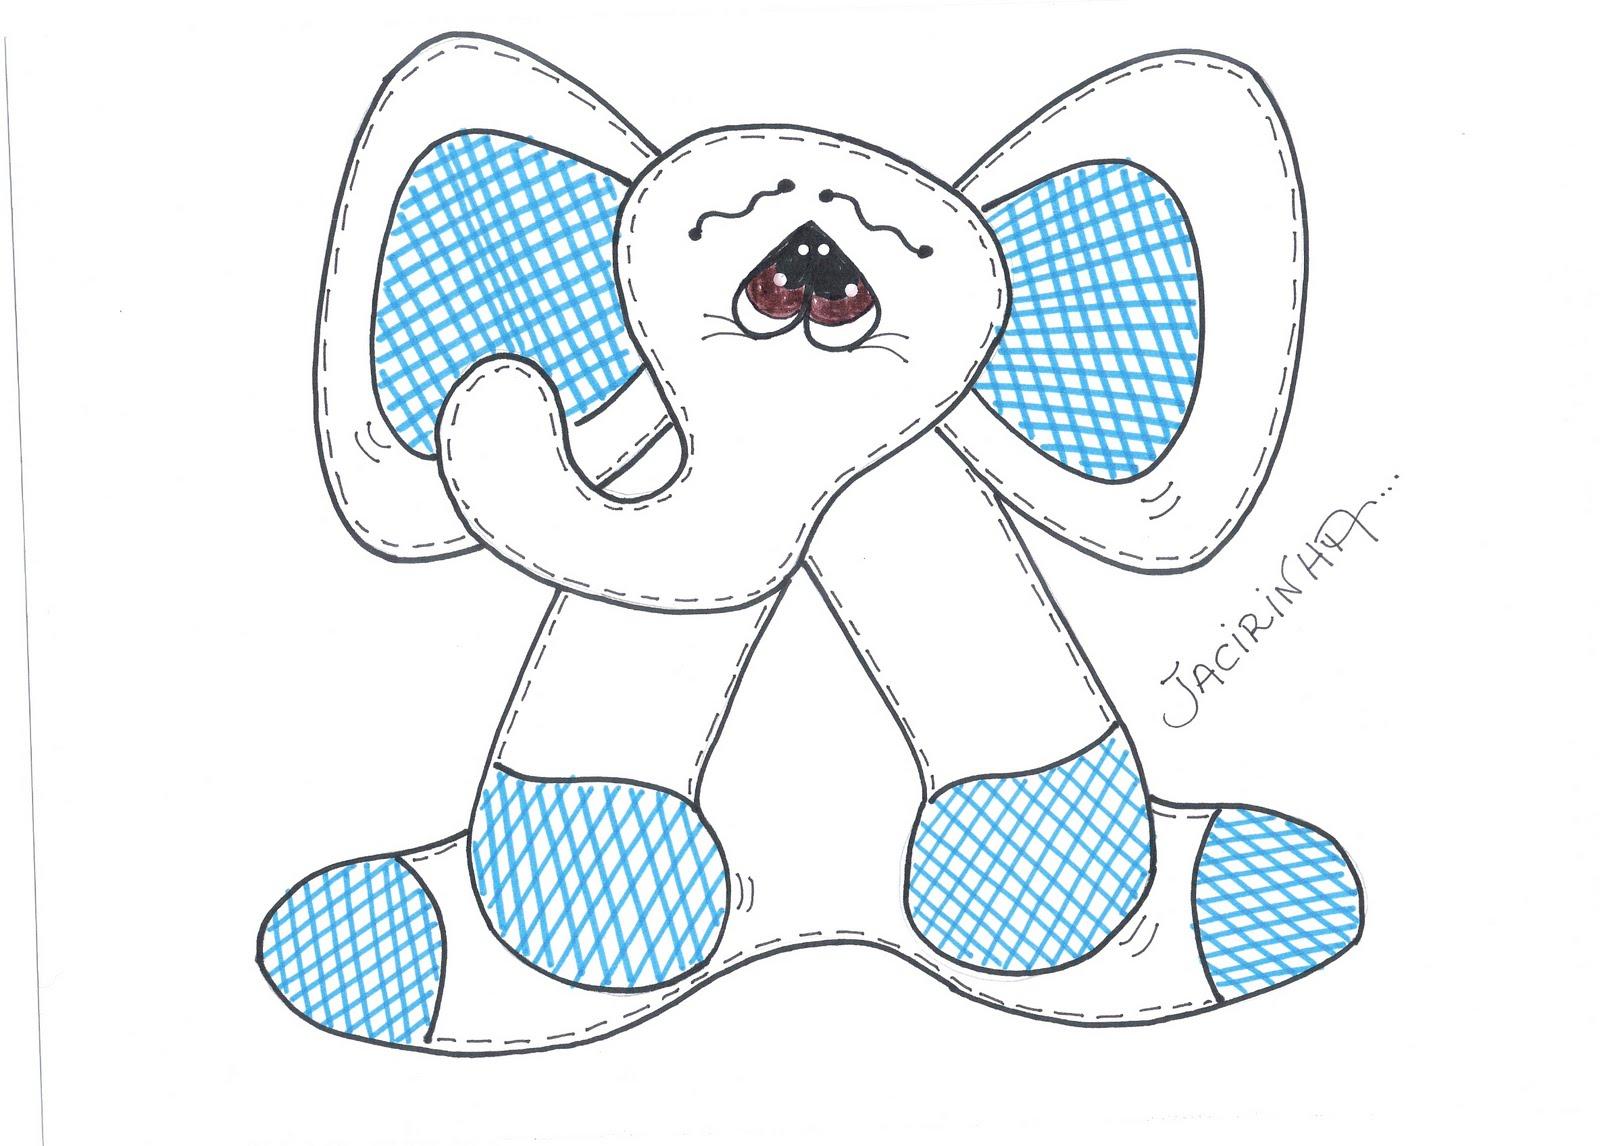 Elefantito en goma eva Artículo Publicado el 11.11.2010 por Libelula